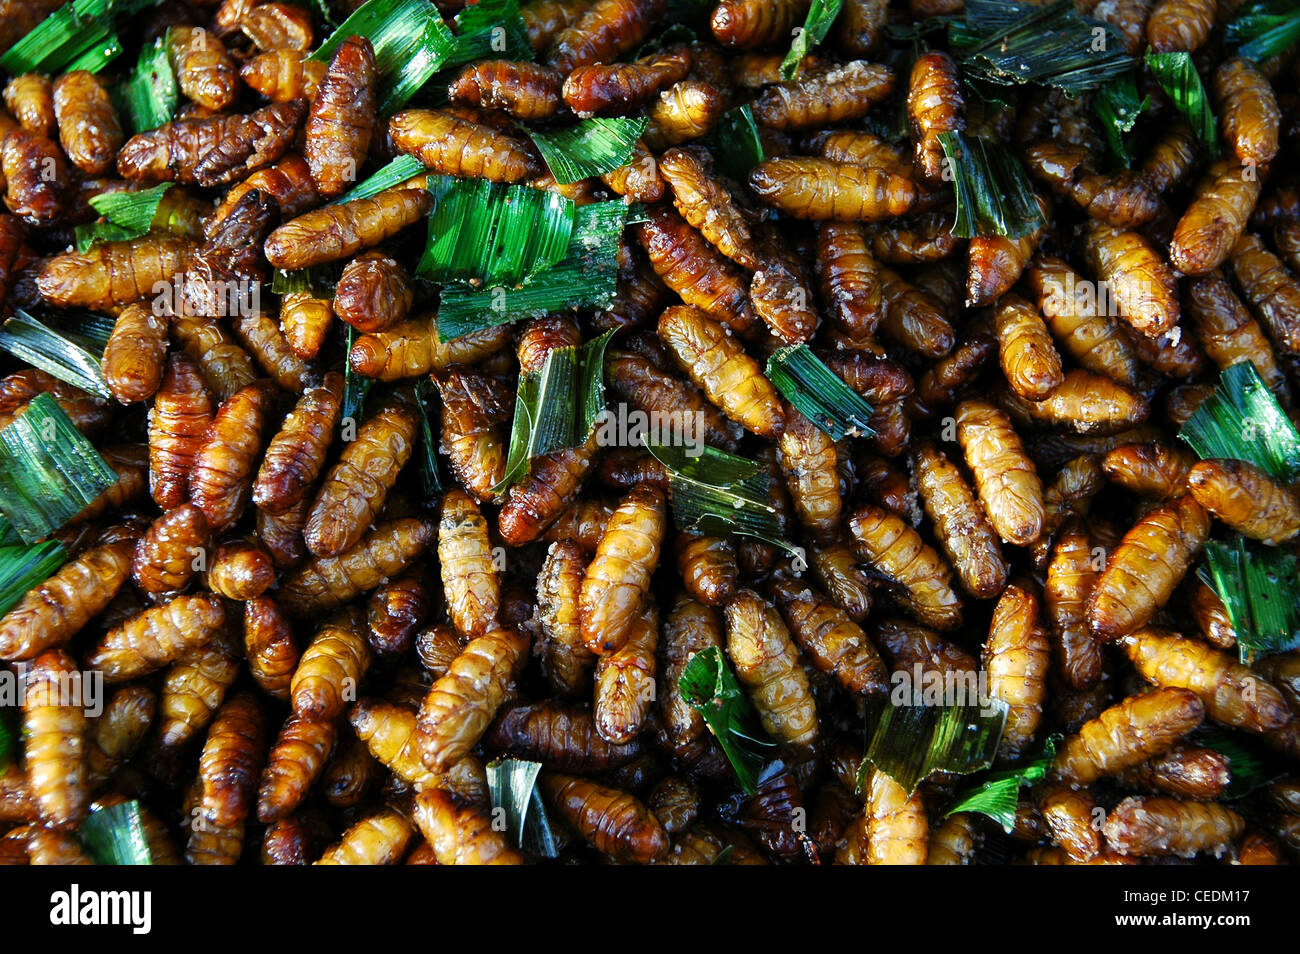 Cucina di strada bancarelle che vendono gli insetti fritti bangkok